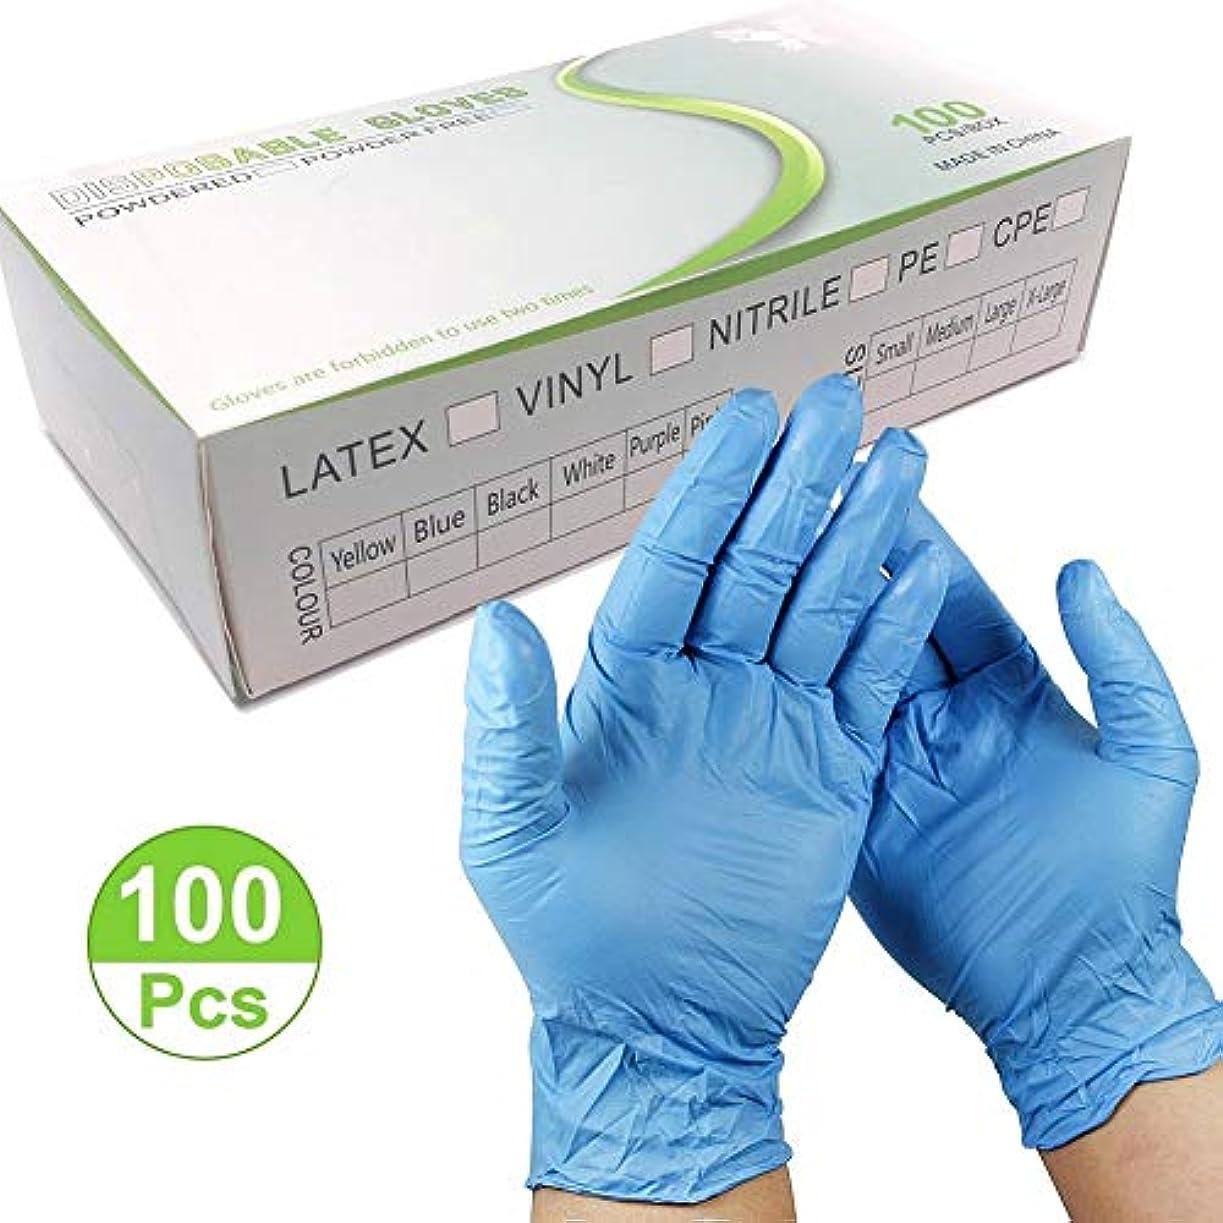 の危険テスピアン子供用 ニトリル手袋 使い捨て手袋 子供用 皮膚アレルギーや刺激を防ぎます クラフト、塗装、ガーデニング、料理、クリーニング (100枚、ブルー)